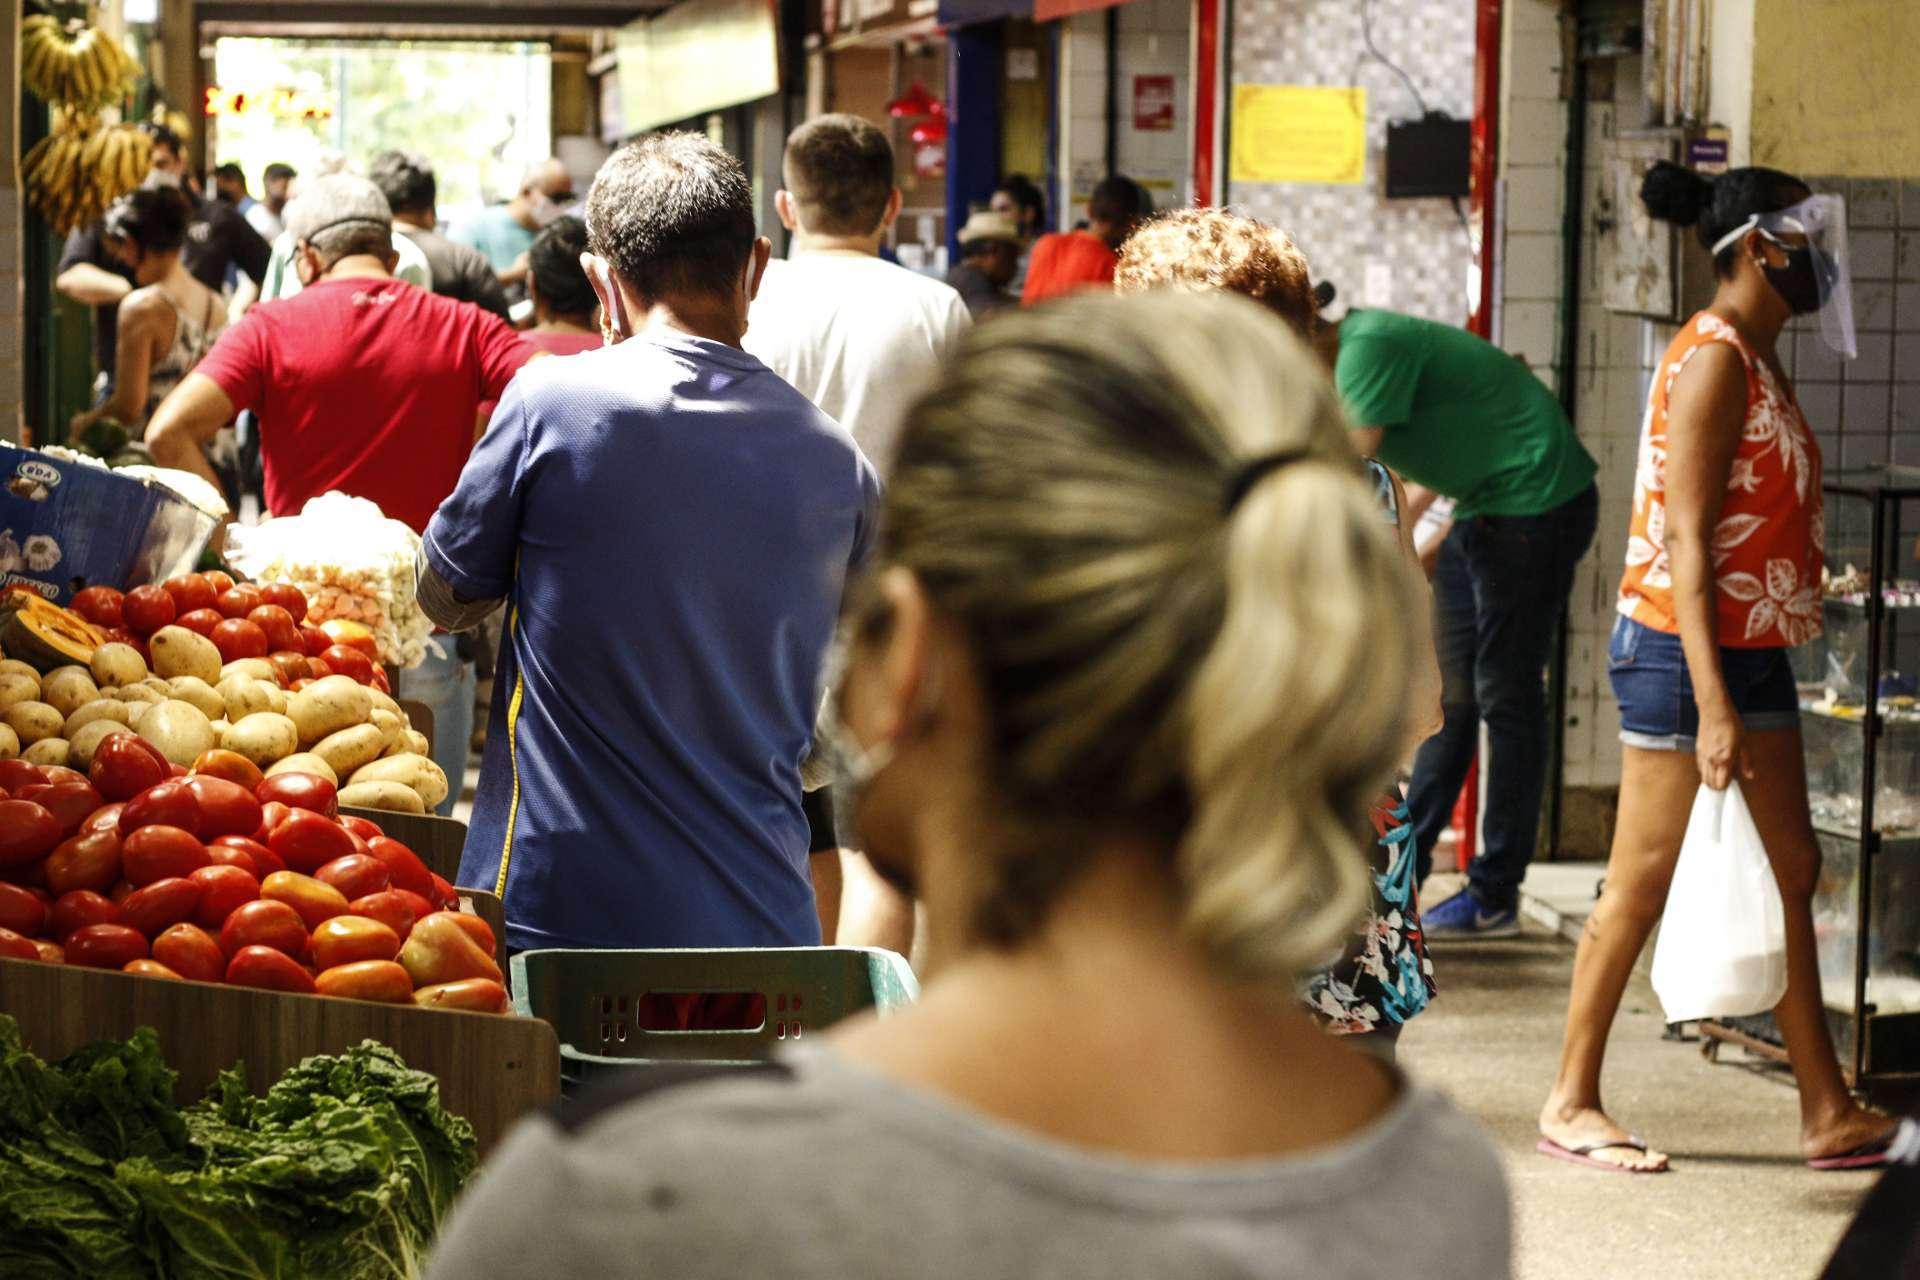 FORTALEZA, CE, 25/07/2020: Movimentacao de consumidores e trabalhadores no Mercado São Sebastiao. Nas entradas de passageiro esta sendo feita medicao de temperatura, higienizacao com alcool em spray; porem a movimentacao no inteiror do mercado e intensa, com grande fluxo de pessoas. Centro, Fortaleza. (BARBARA MOIRA/ O POVO)